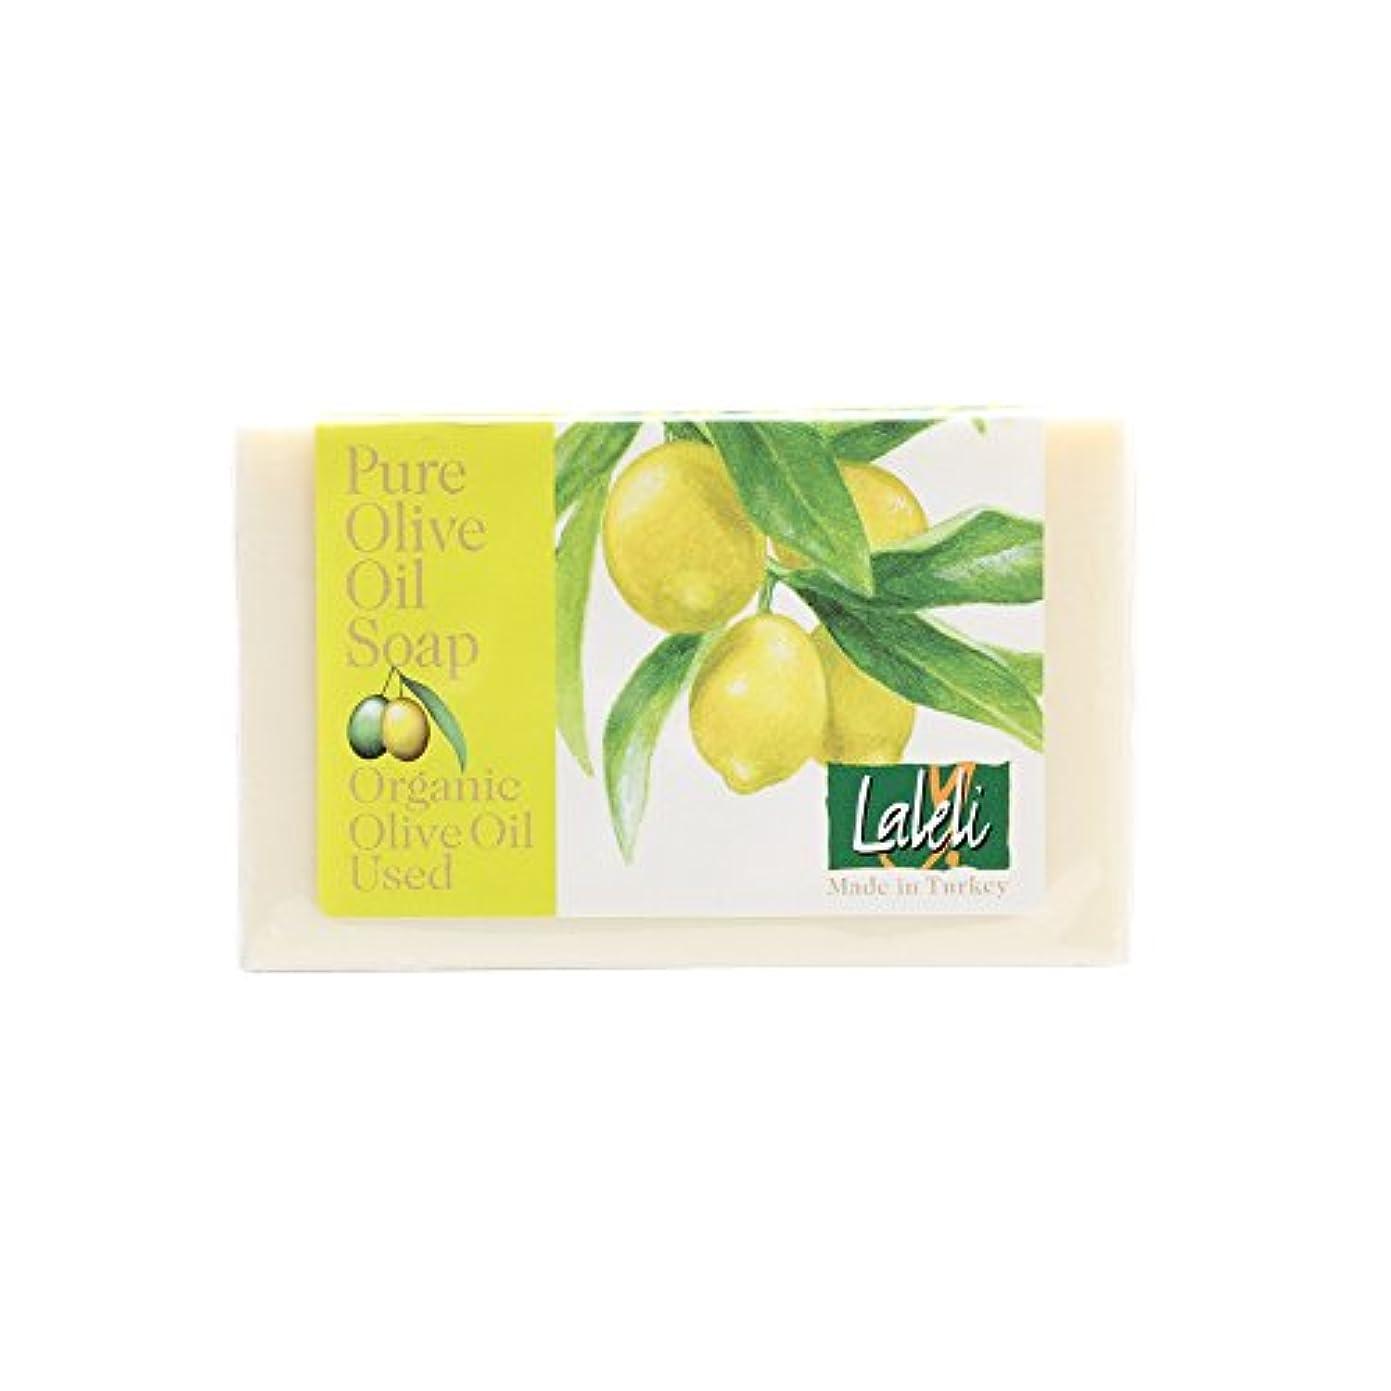 北ロードされた告白ラーレリ オーガニックオリーブオイルソープ レモン 120g